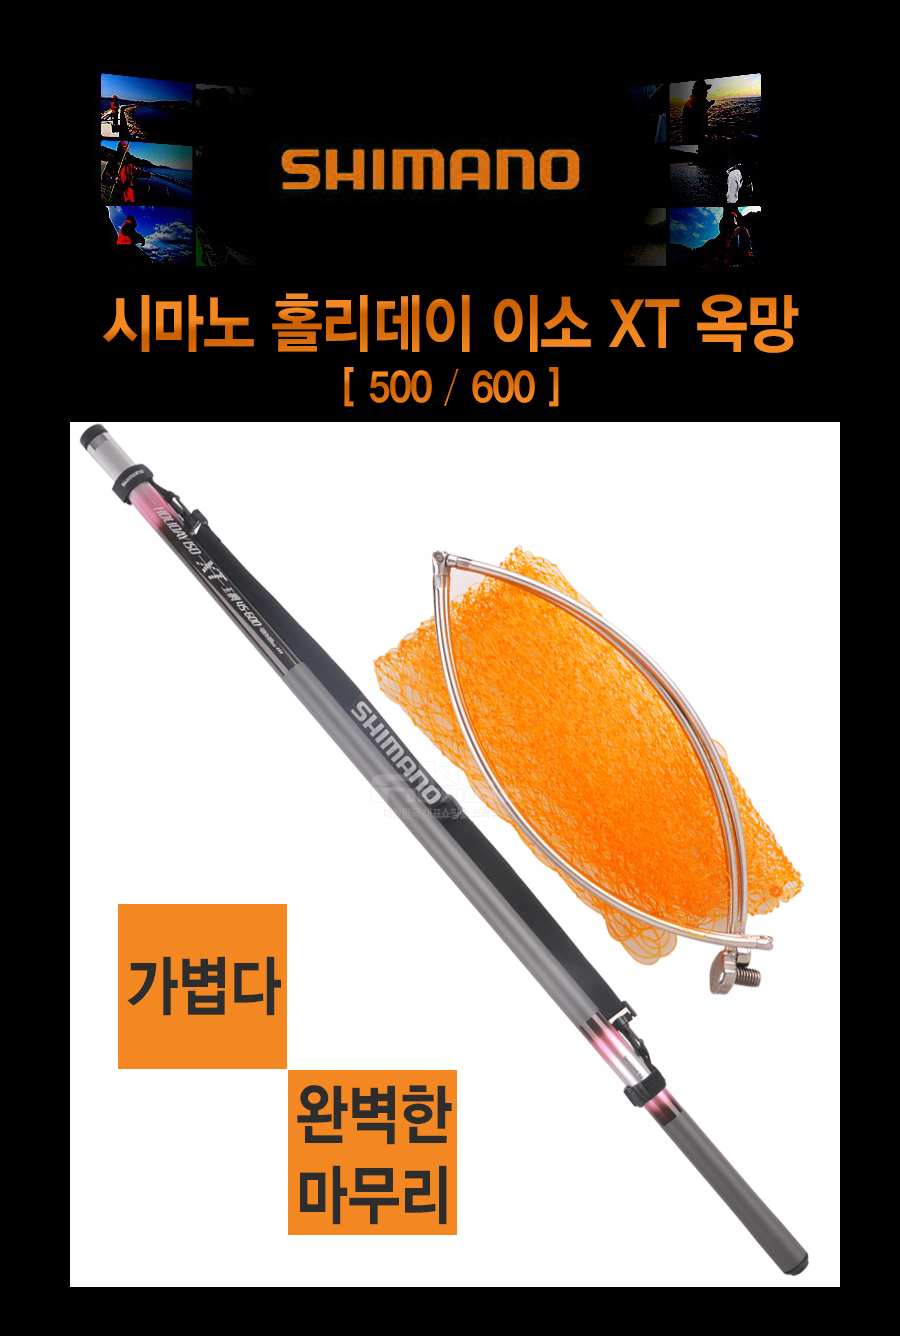 시마노 홀리데이 이소 XT 옥망 600 (09) [윤성정품] 바다뜰채 기옥망 자루+망세트